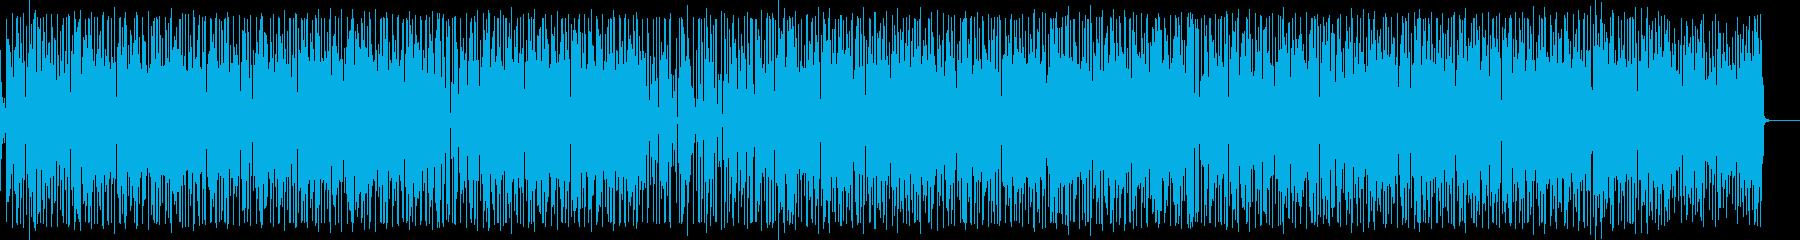 ほのぼの生アコギのギターポップスの再生済みの波形